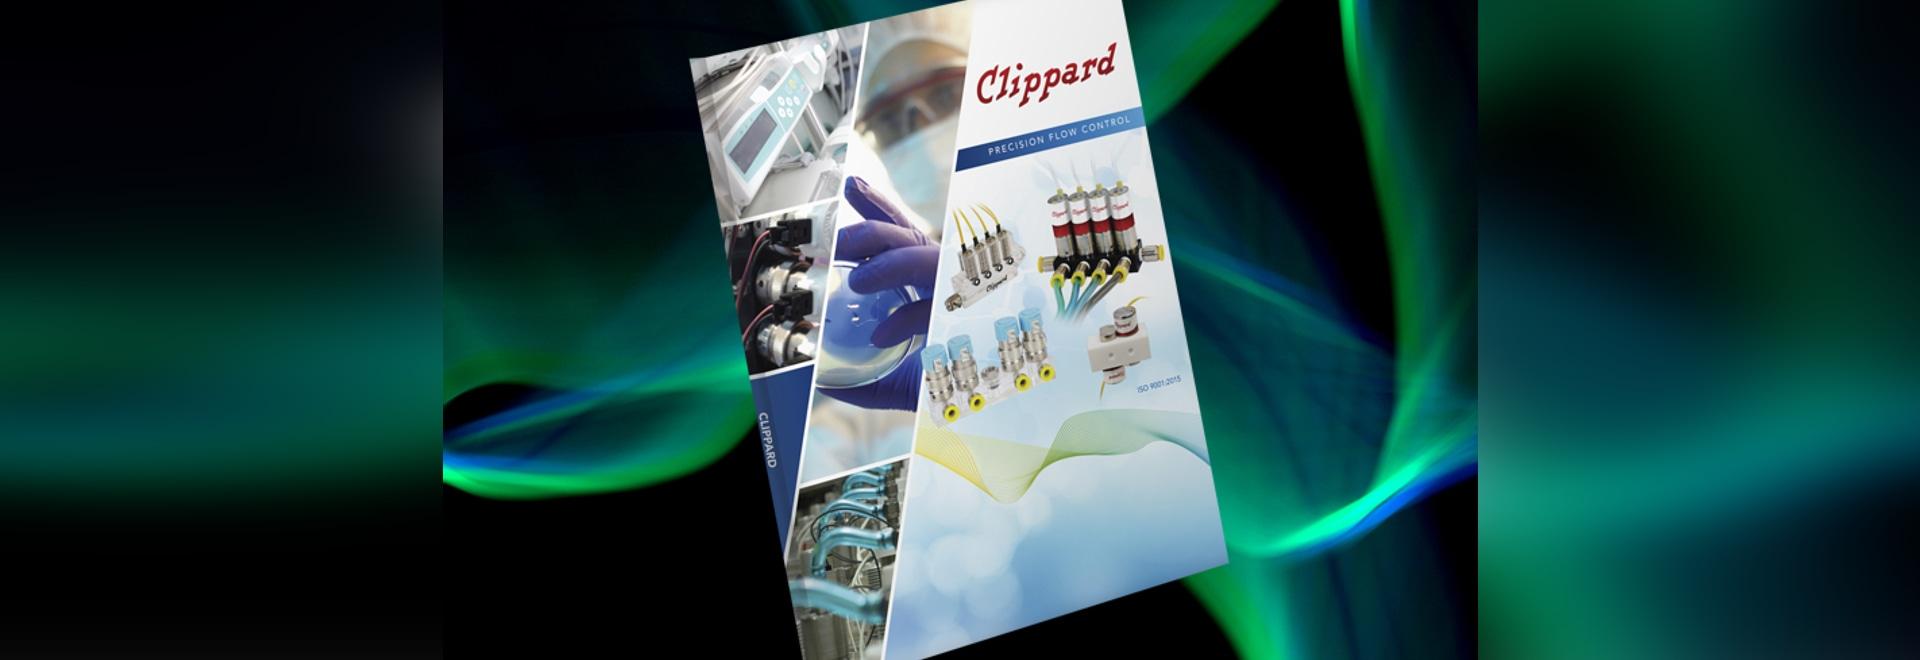 Clippard lanza el nuevo catálogo de los controles de flujo de la precisión